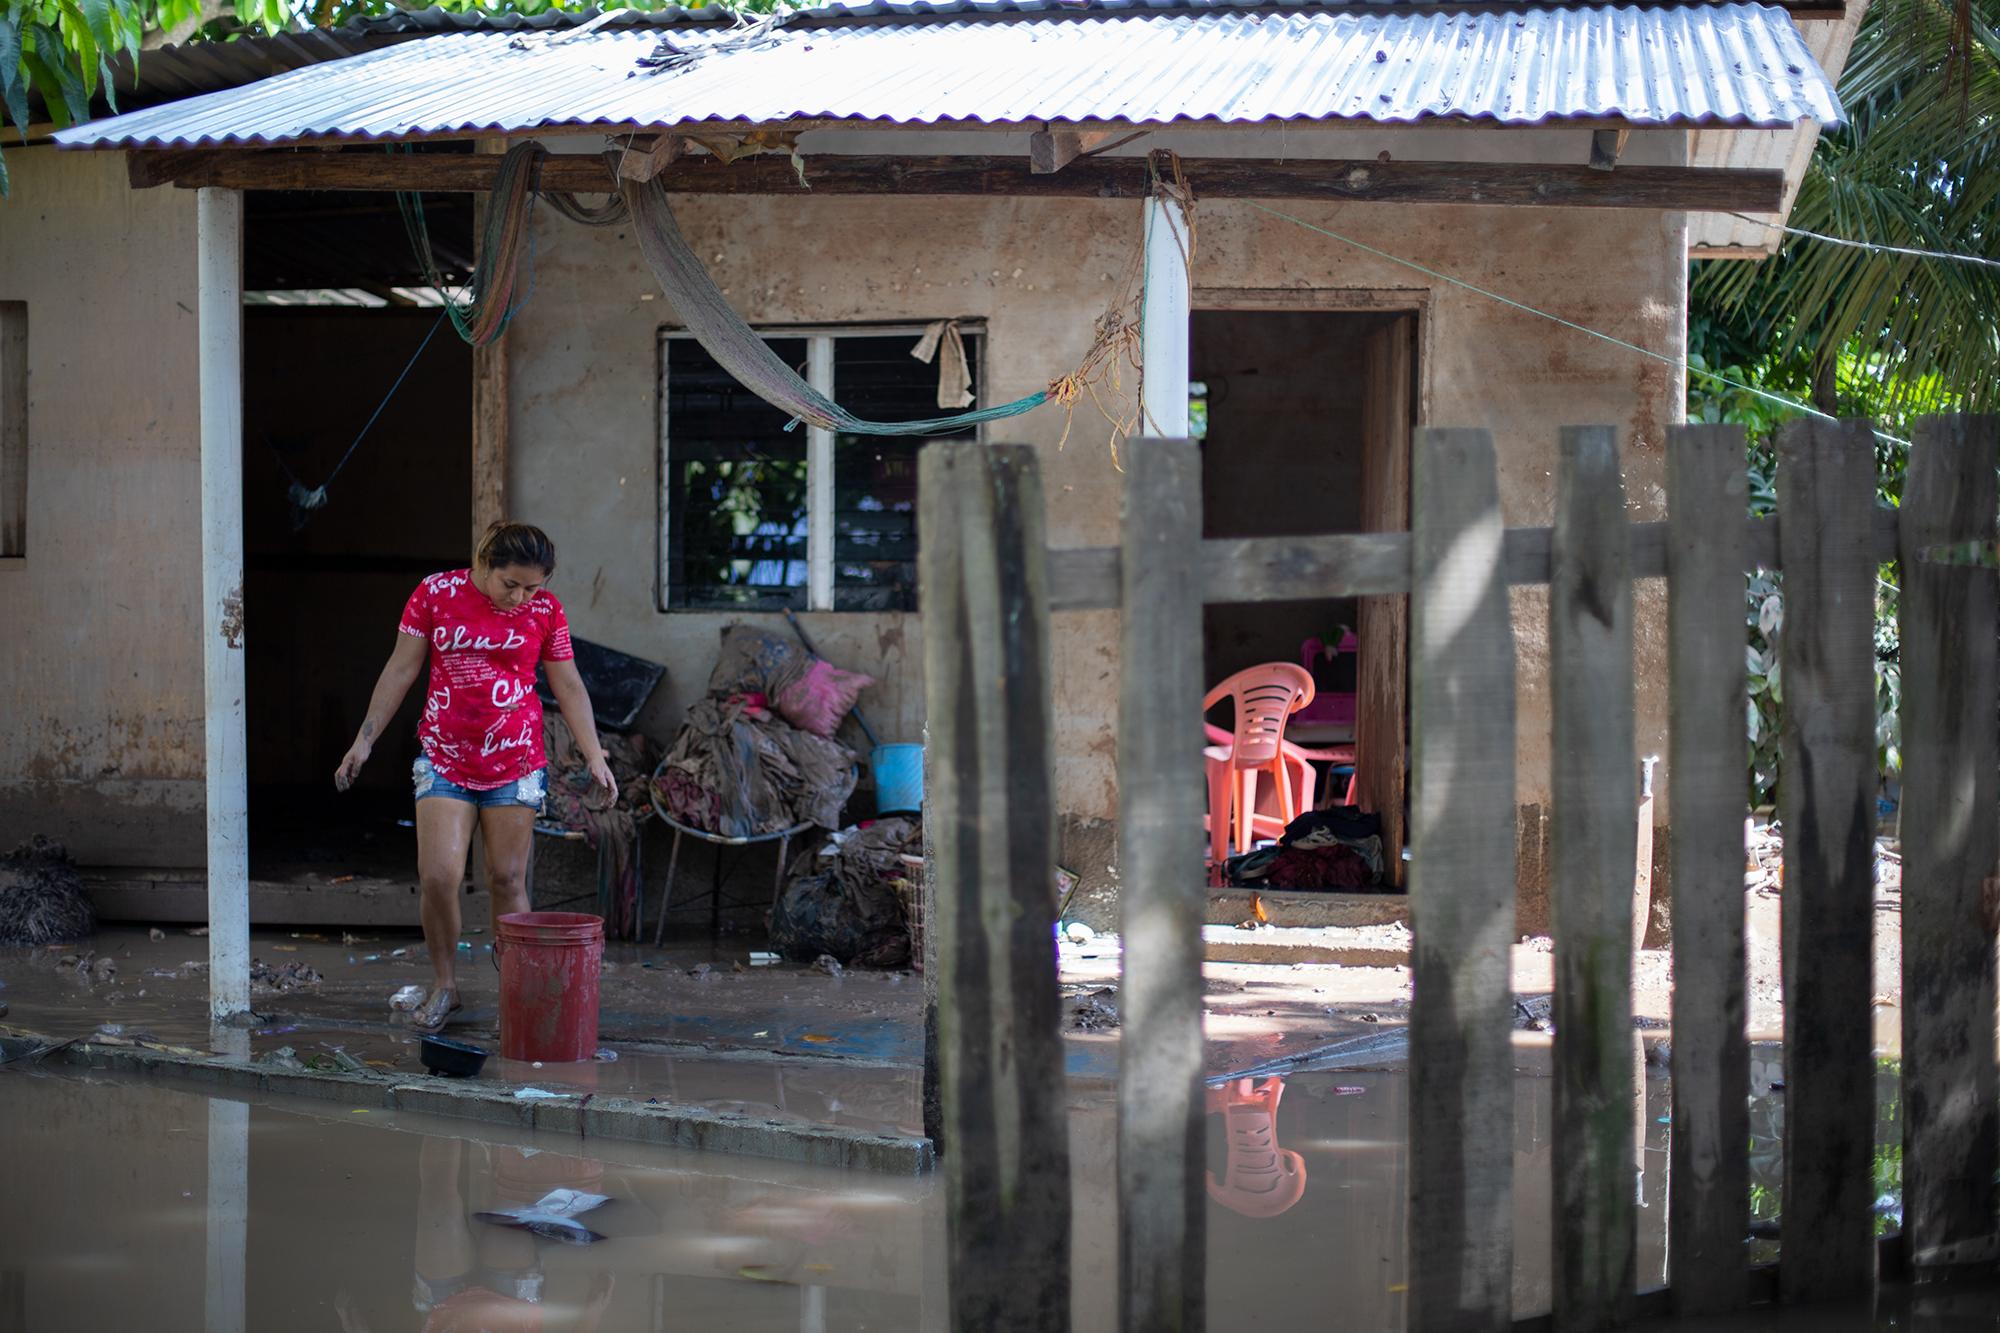 Flor de 24 años, es madre soltera de dos hijos, esta familia lo ha perdido todo debido a las inundaciones provocadas por la crecida del río Chamelecón. Baracoa, Cortés, 15 de noviembre de 2020. Foto: Martín Cálix.